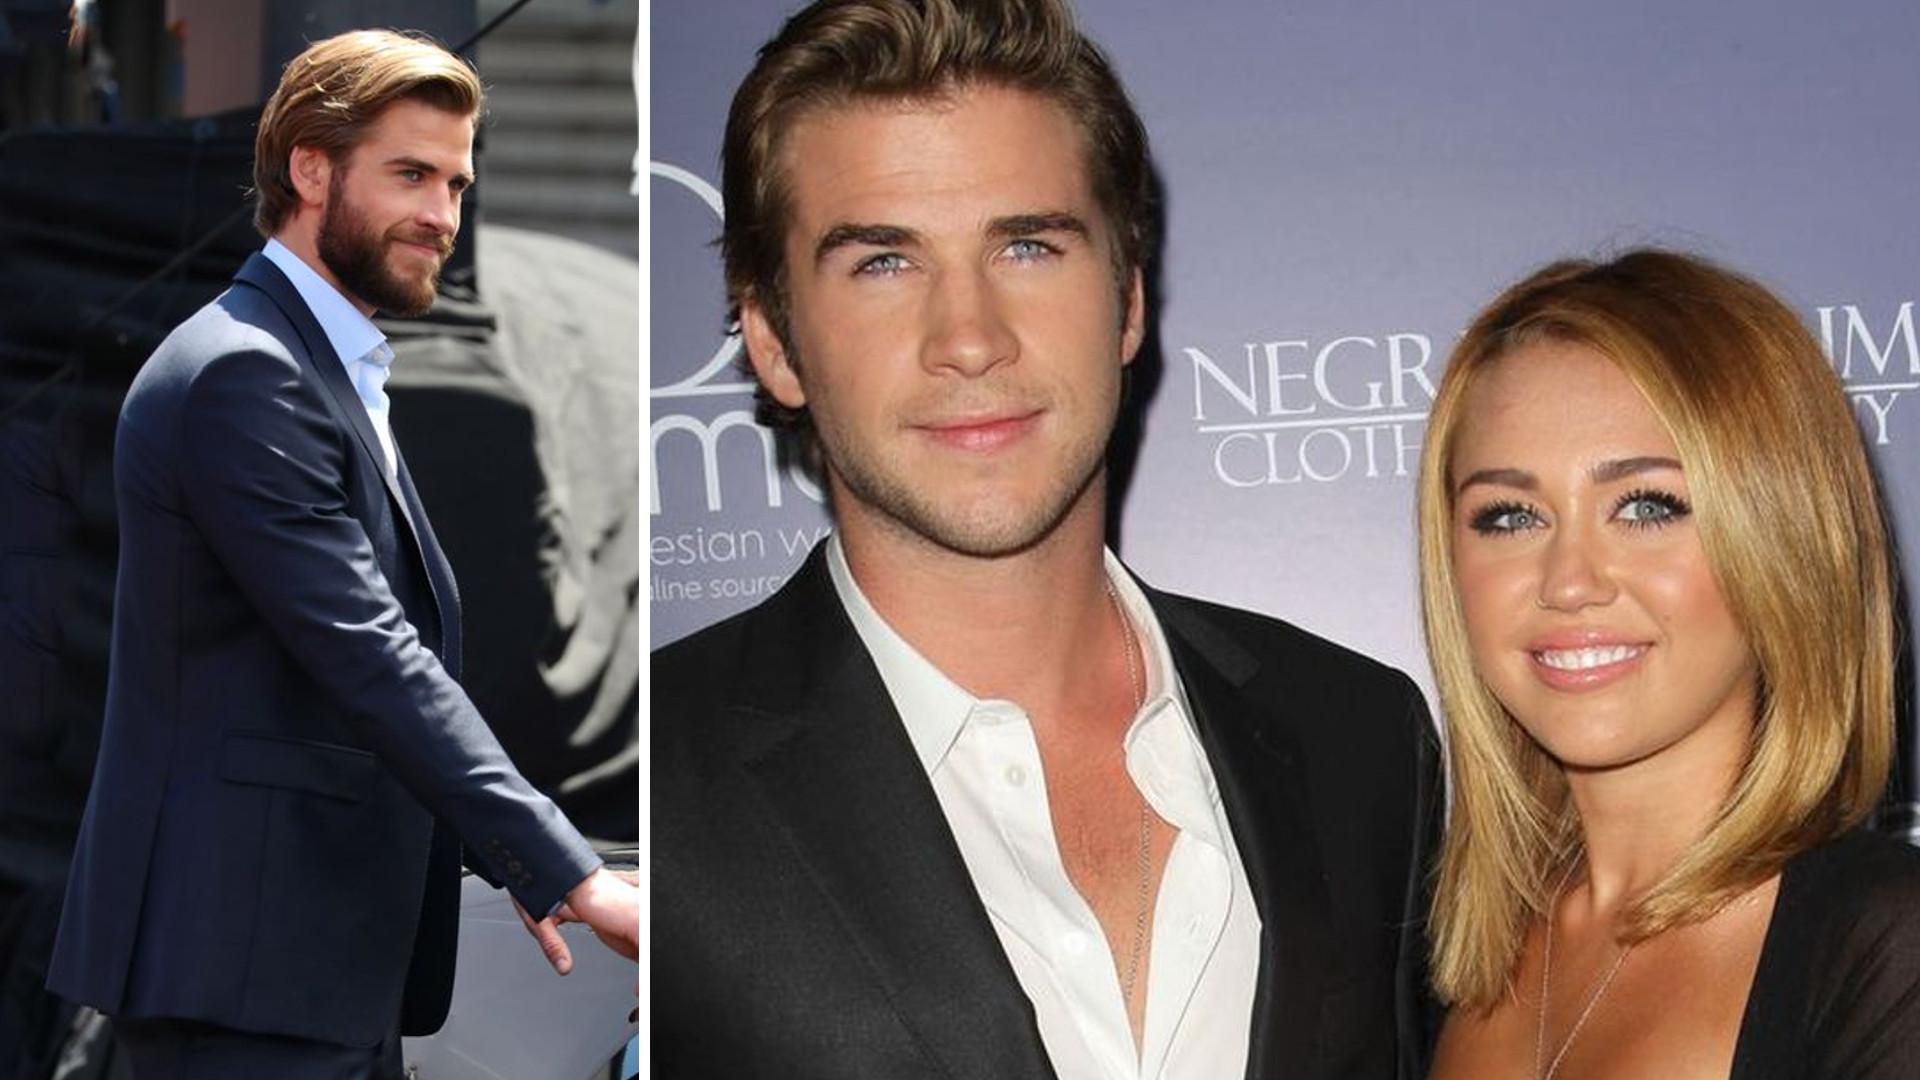 Miley Cyrus jest w ciąży? To dlatego ten szybki ślub?